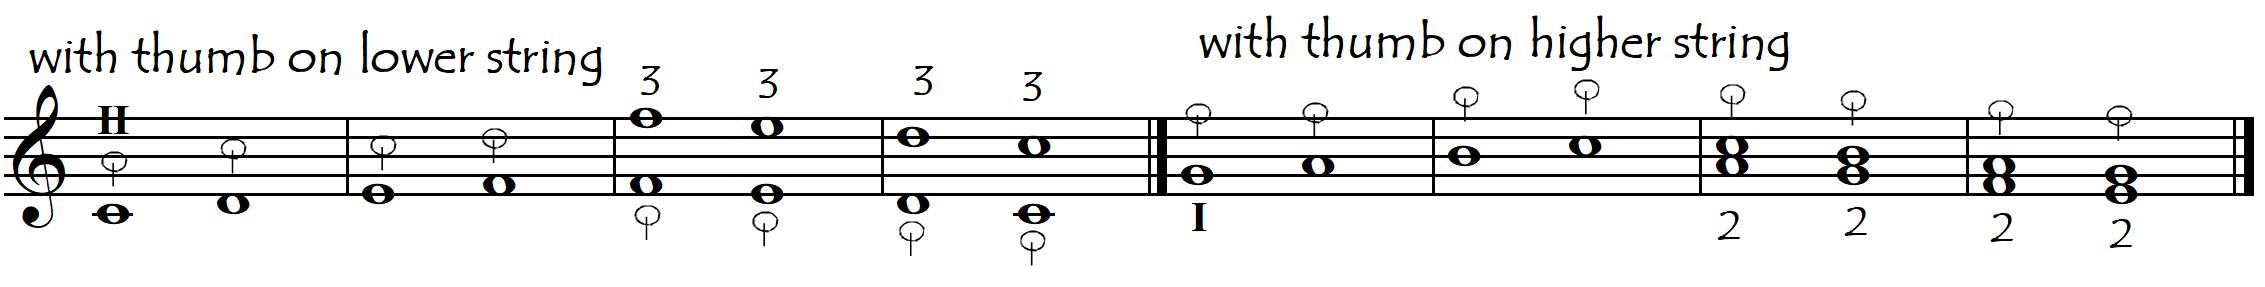 thumb vibrato EXCS basic 0